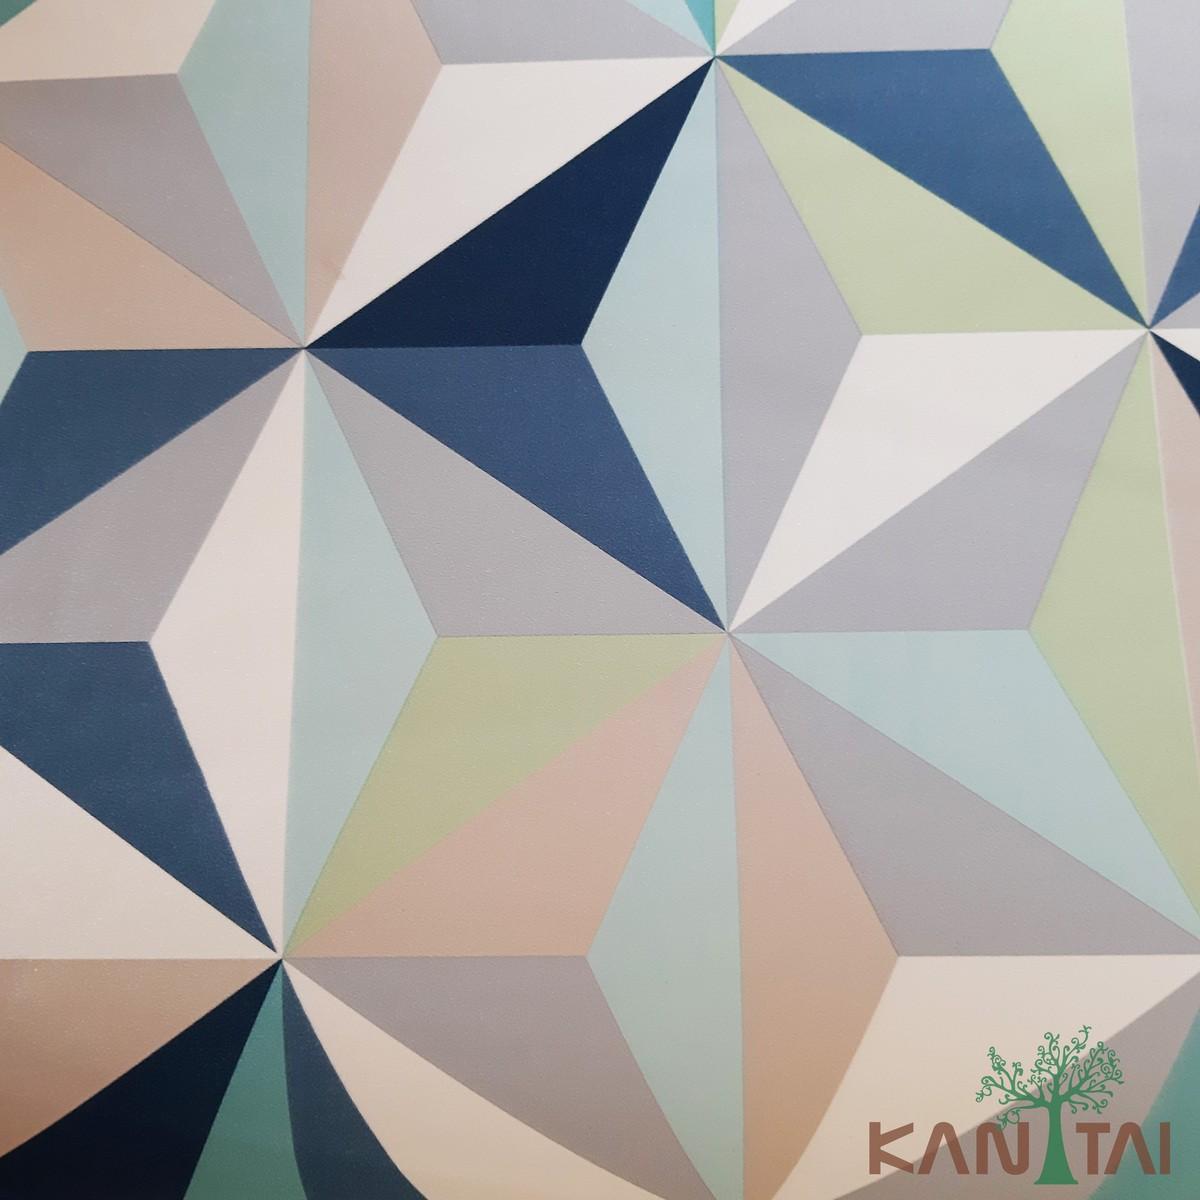 Papel de Parede Kan Tai Vinílico Coleção Grace 3 Geométrico 3D Azul, Branco, Verde